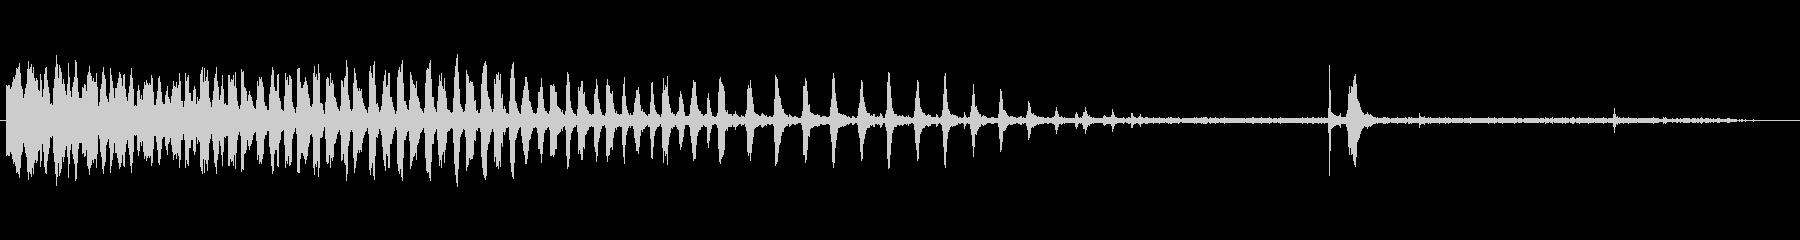 ドリルプレス:金属の穴あけの未再生の波形